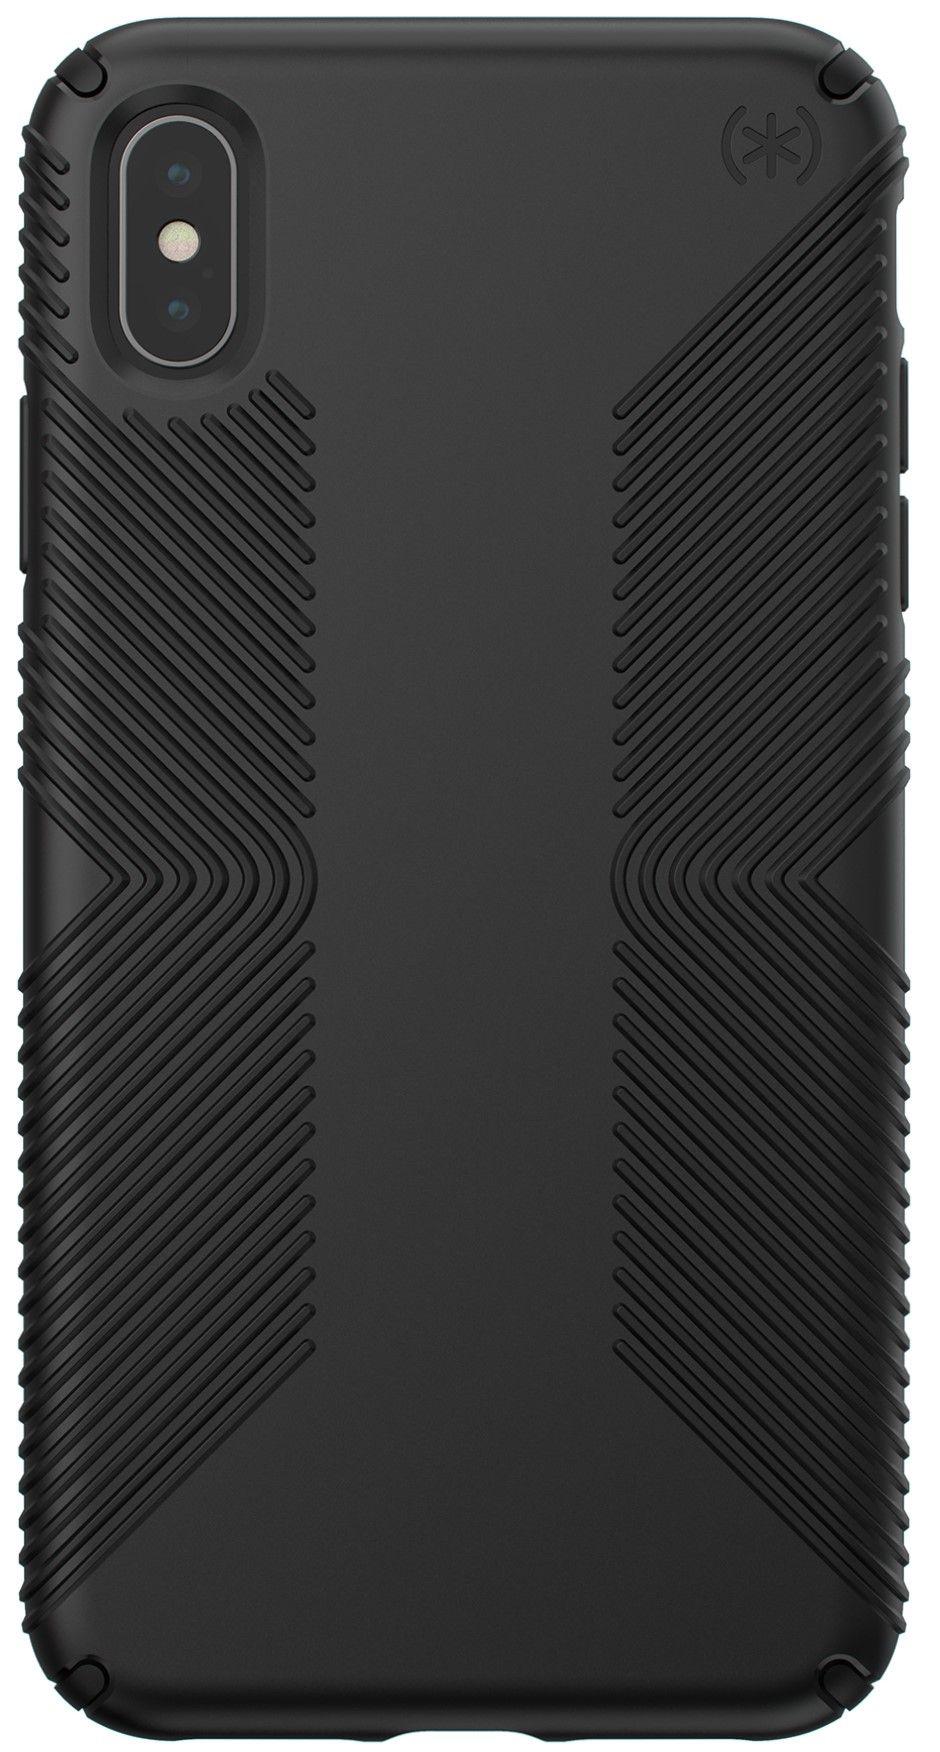 Калъф Speck Presidio Grip - за iPhone XS Max, черен - 1